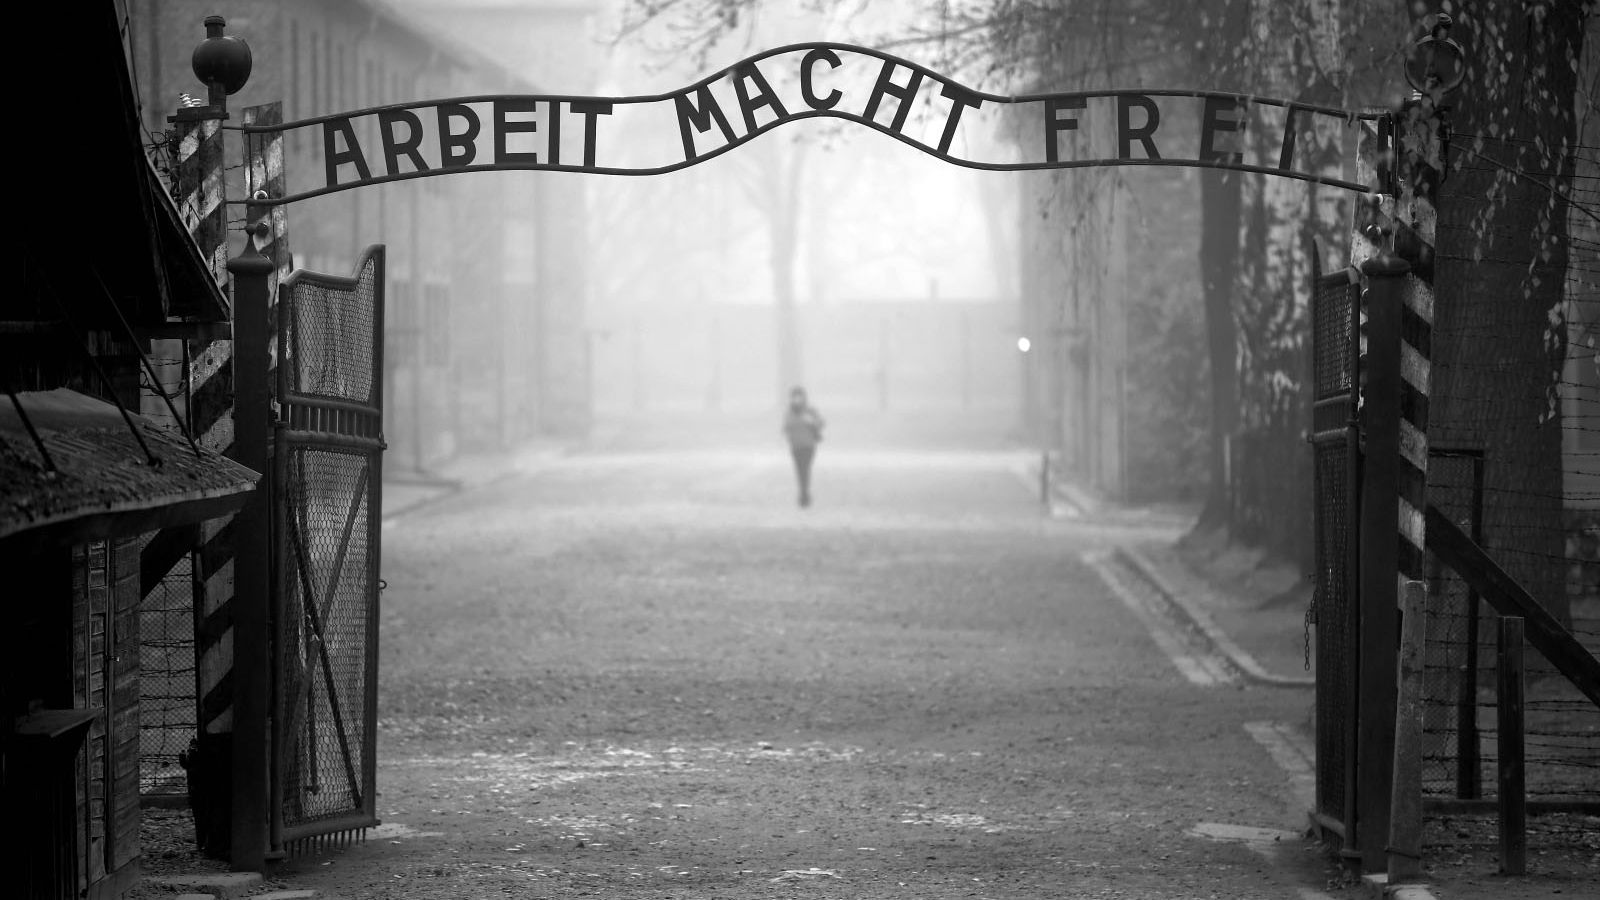 Διεθνής Ημέρα Μνήμης για τα Θύματα του Ολοκαυτώματος: «Ο καλύτερος φόρος τιμής είναι η δημιουργία ενός κόσμου ισότητας, δικαιοσύνης και αξιοπρέπειας»